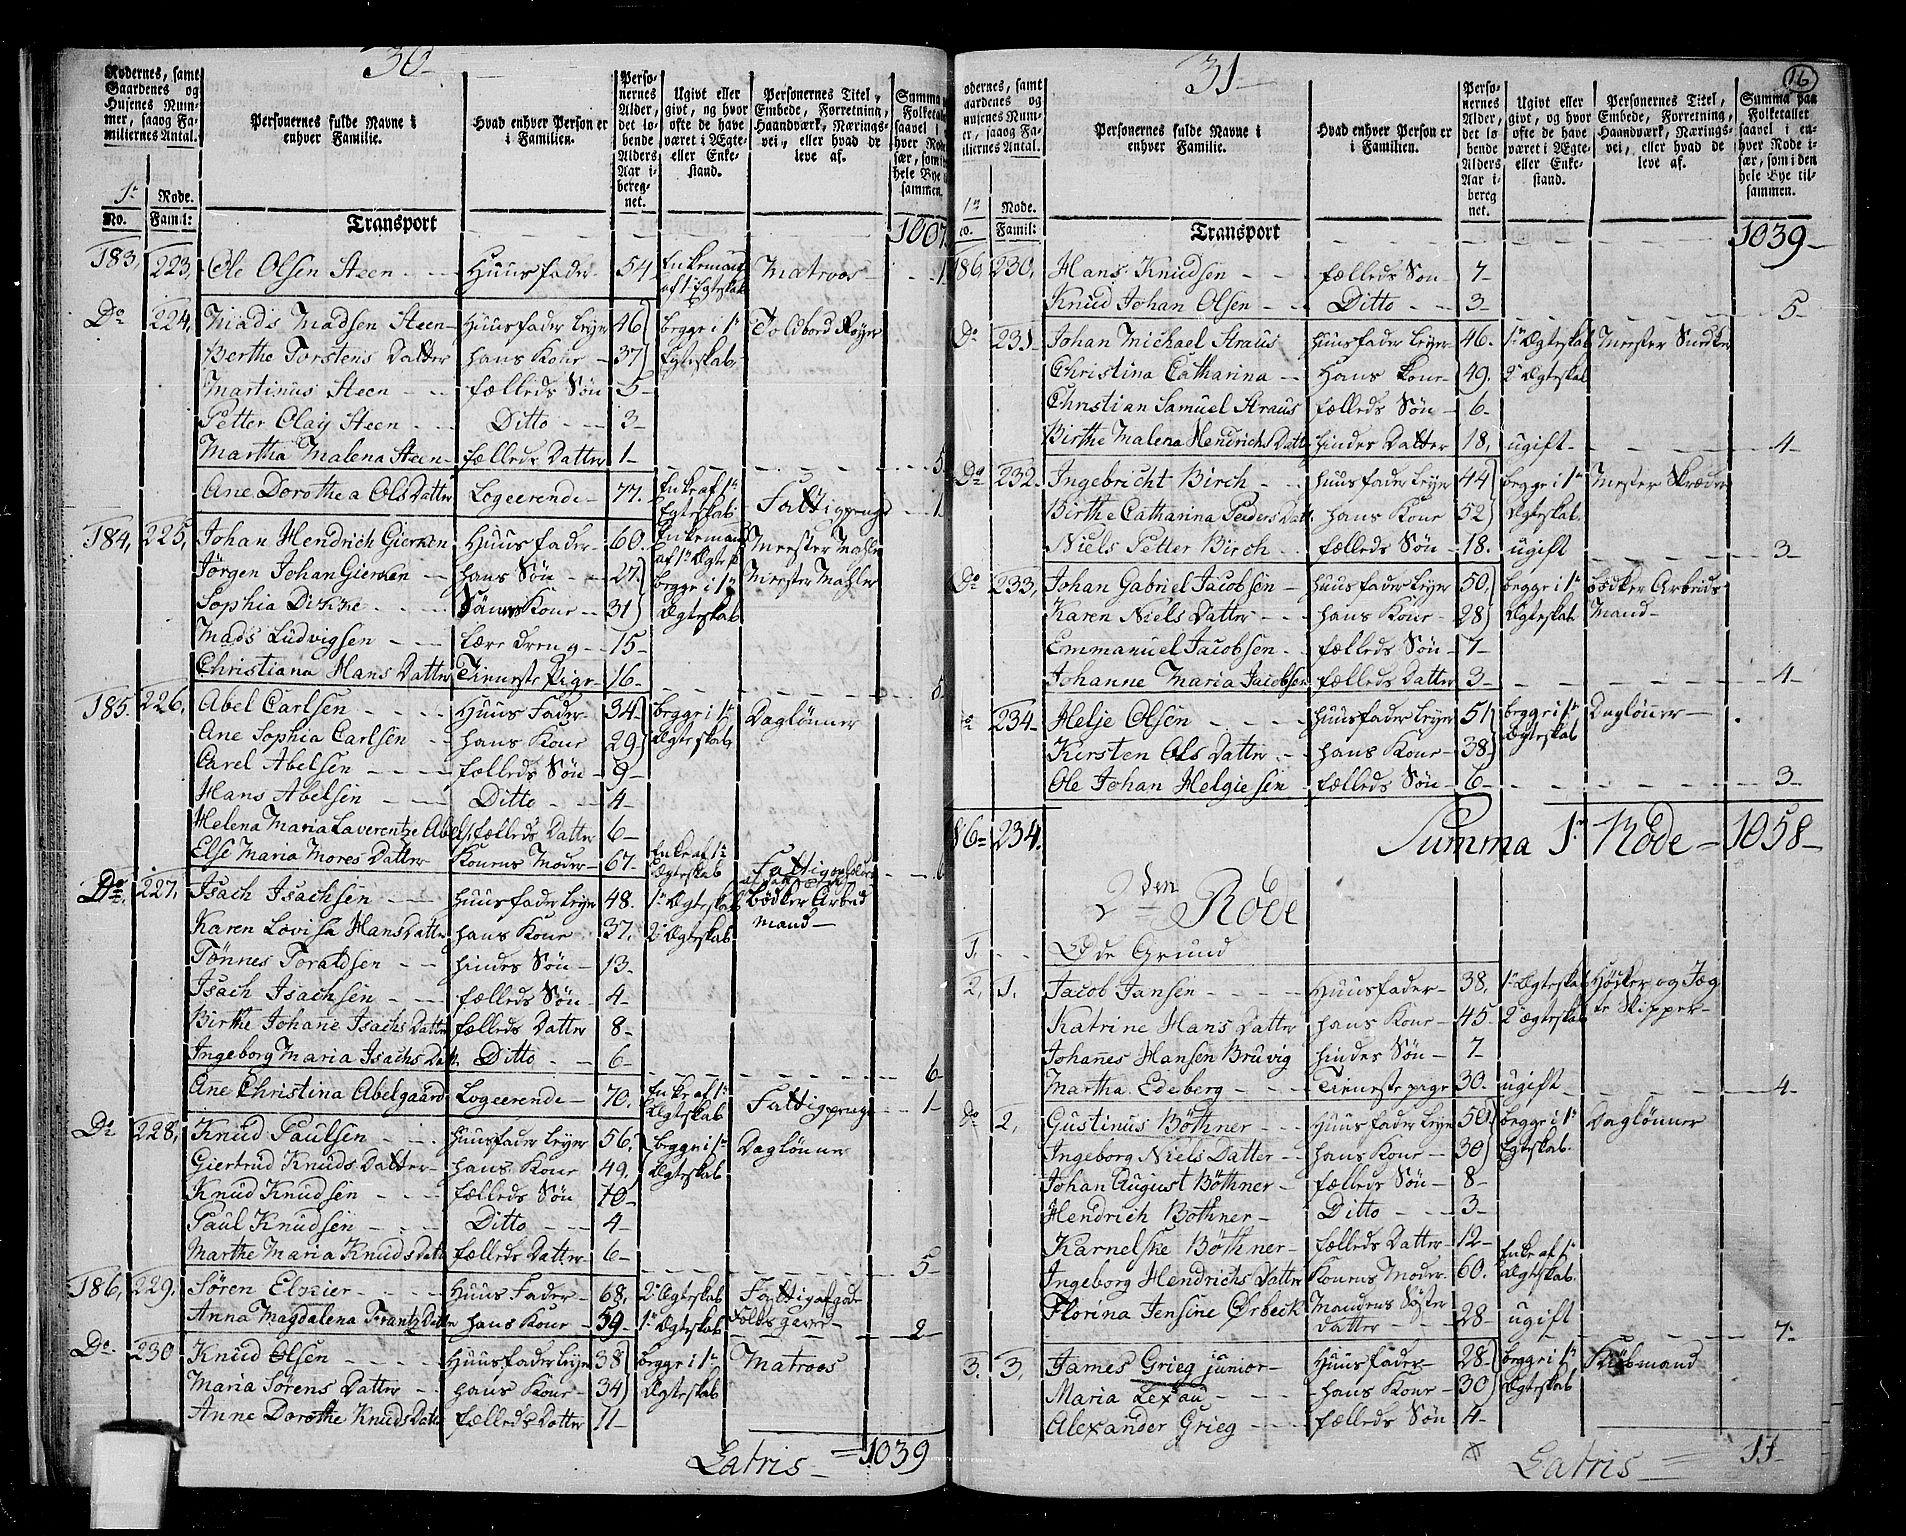 RA, Folketelling 1801 for 1301 Bergen kjøpstad, 1801, s. 15b-16a